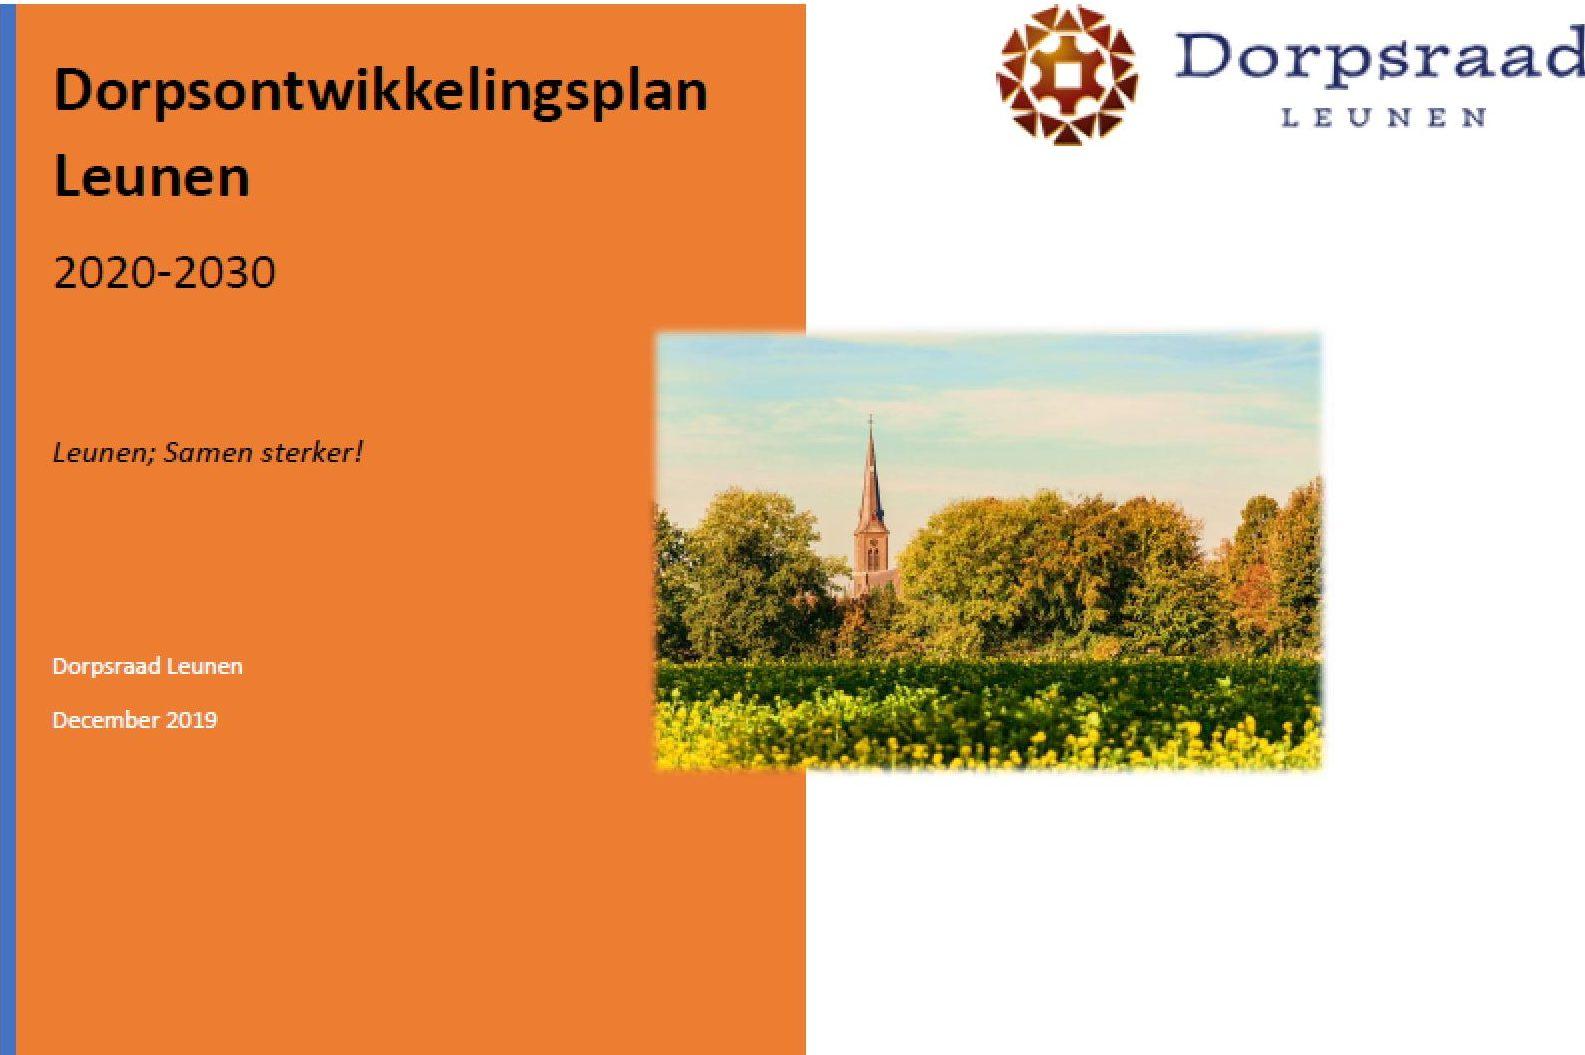 Dorpsontwikkelingsplan 2020-2030